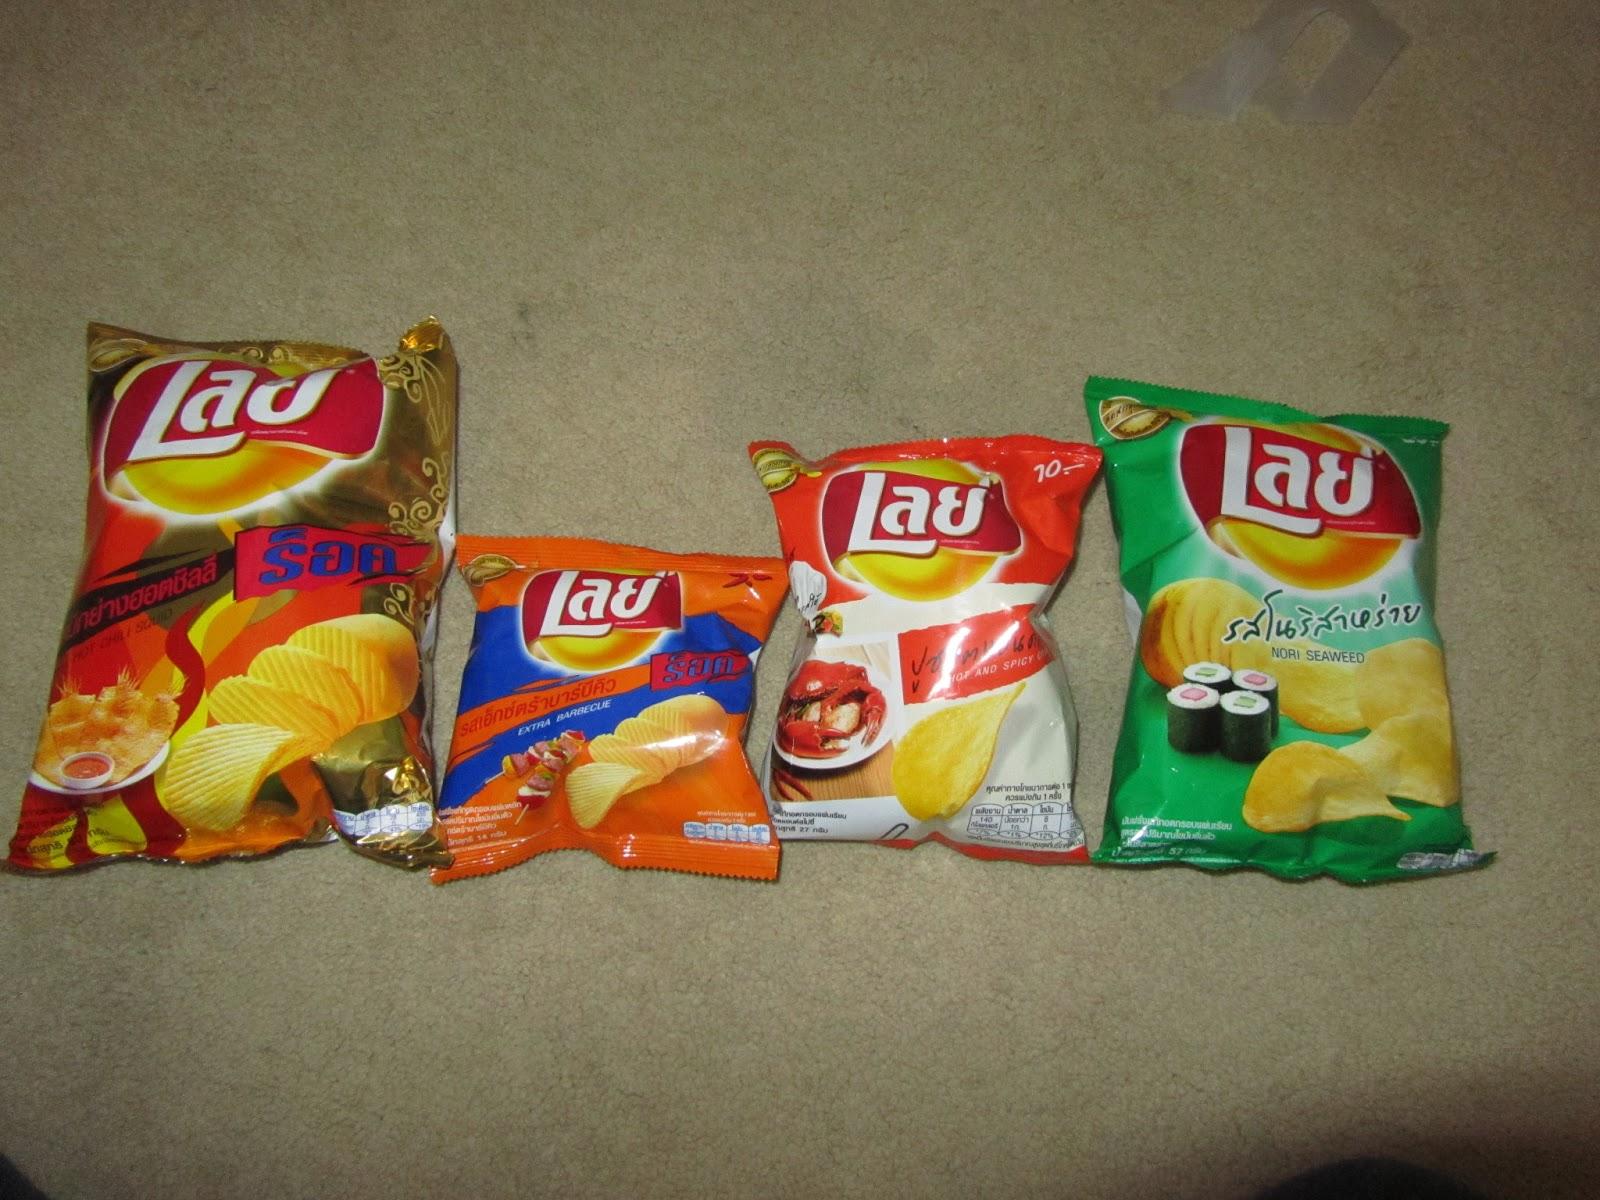 The Chip Report: Potato Chip Bag Size Comparison